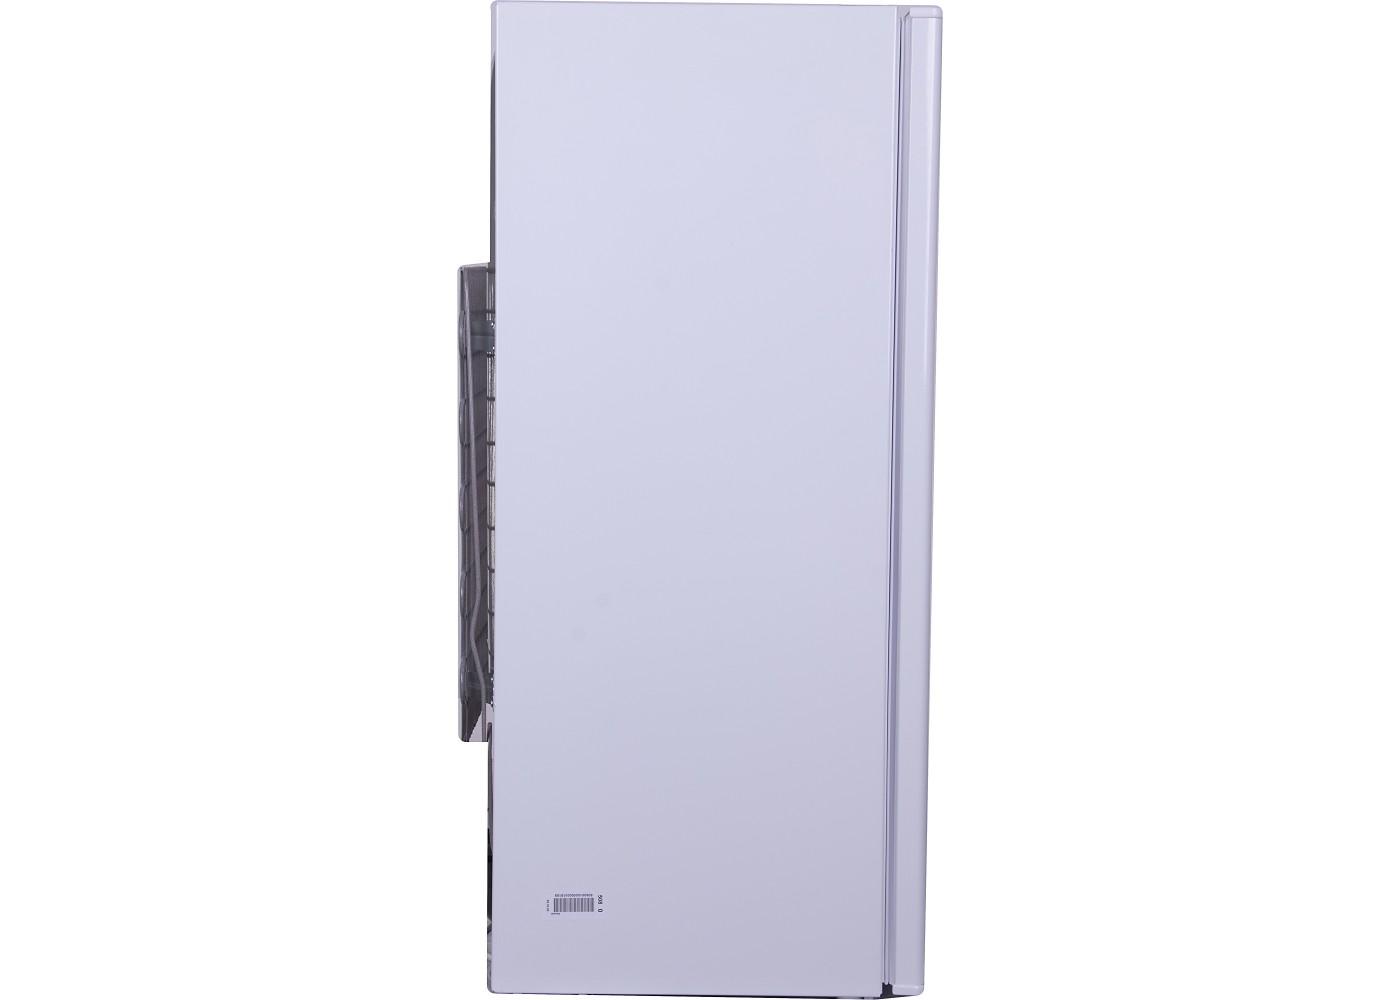 Холодильник NORDFROST NR 508 W